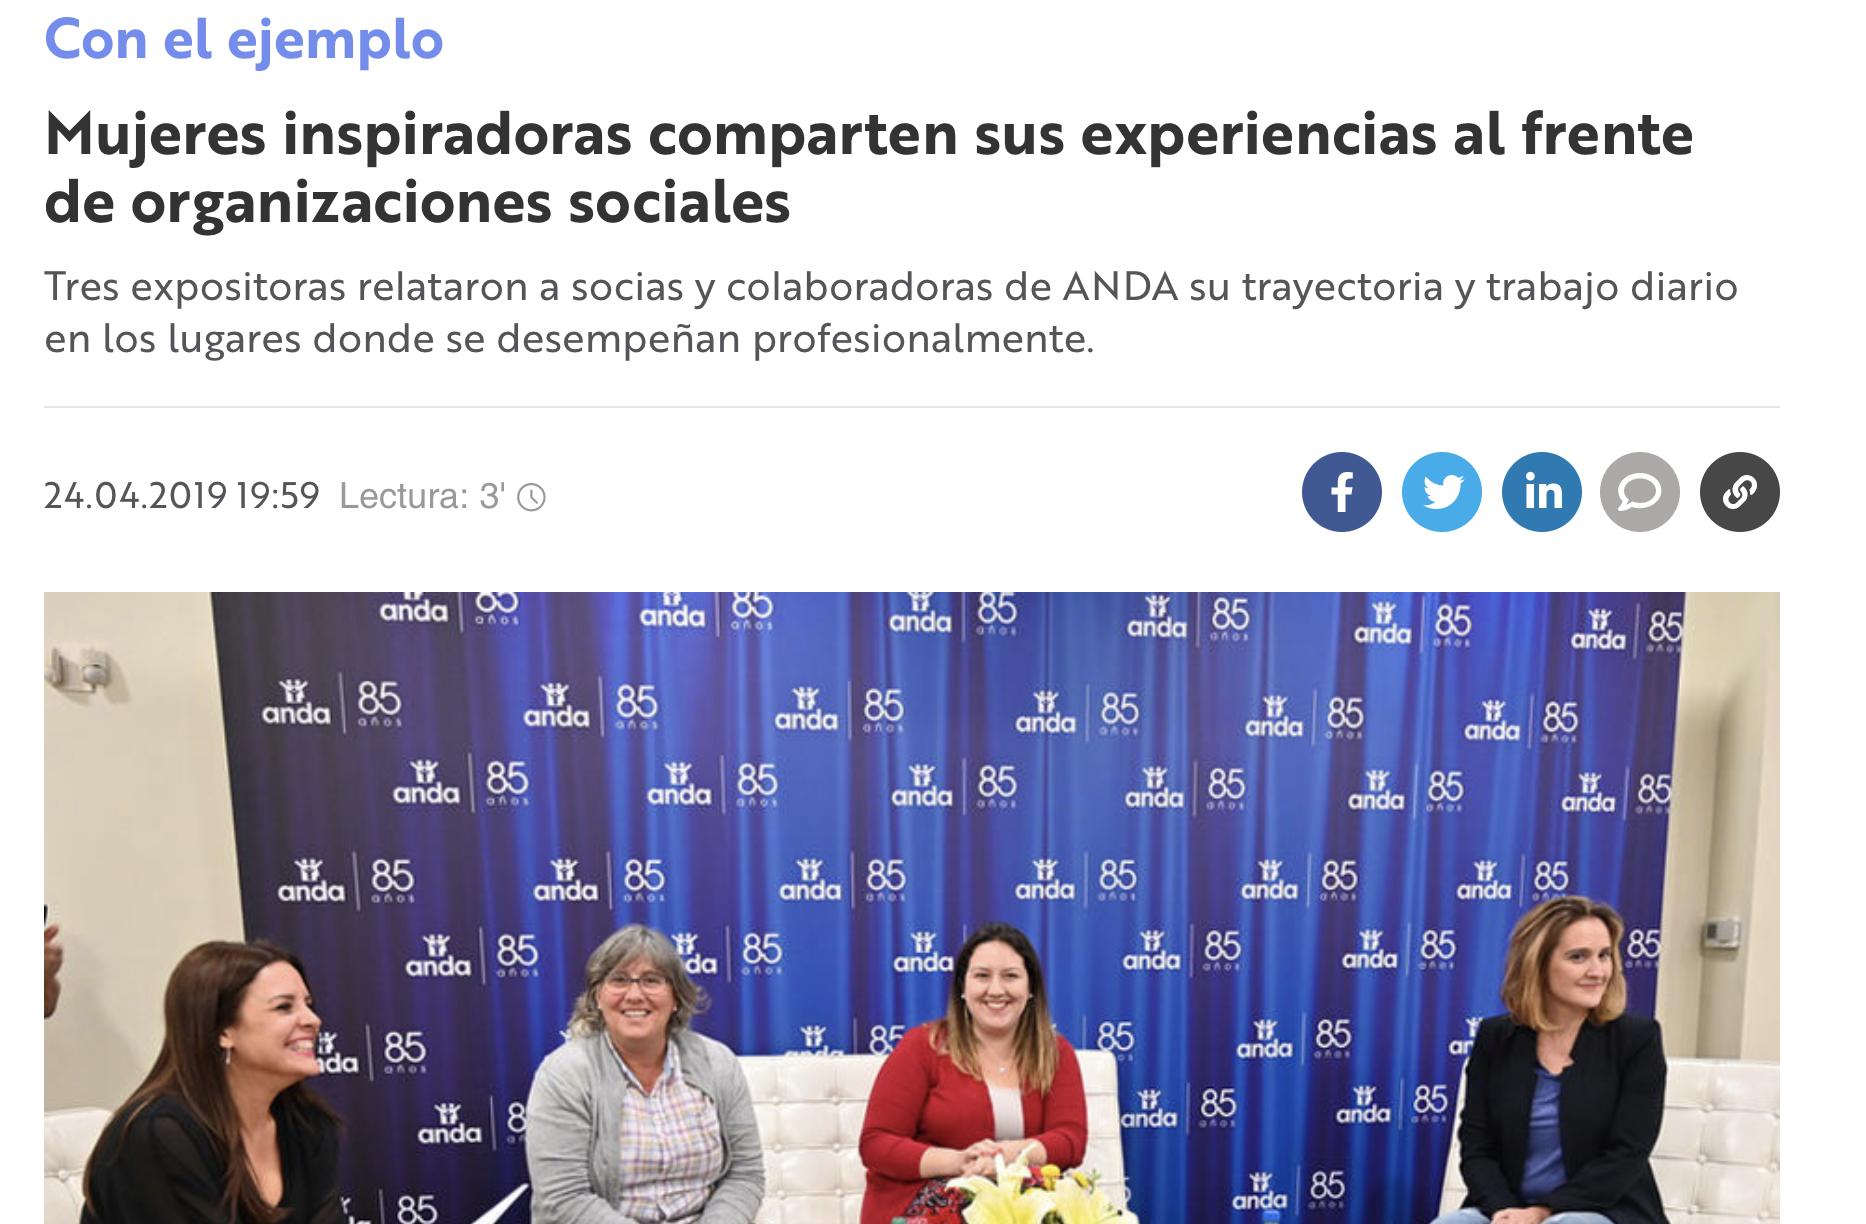 Mujeres inspiradoras comparten sus experiencias al frente de organizaciones sociales -